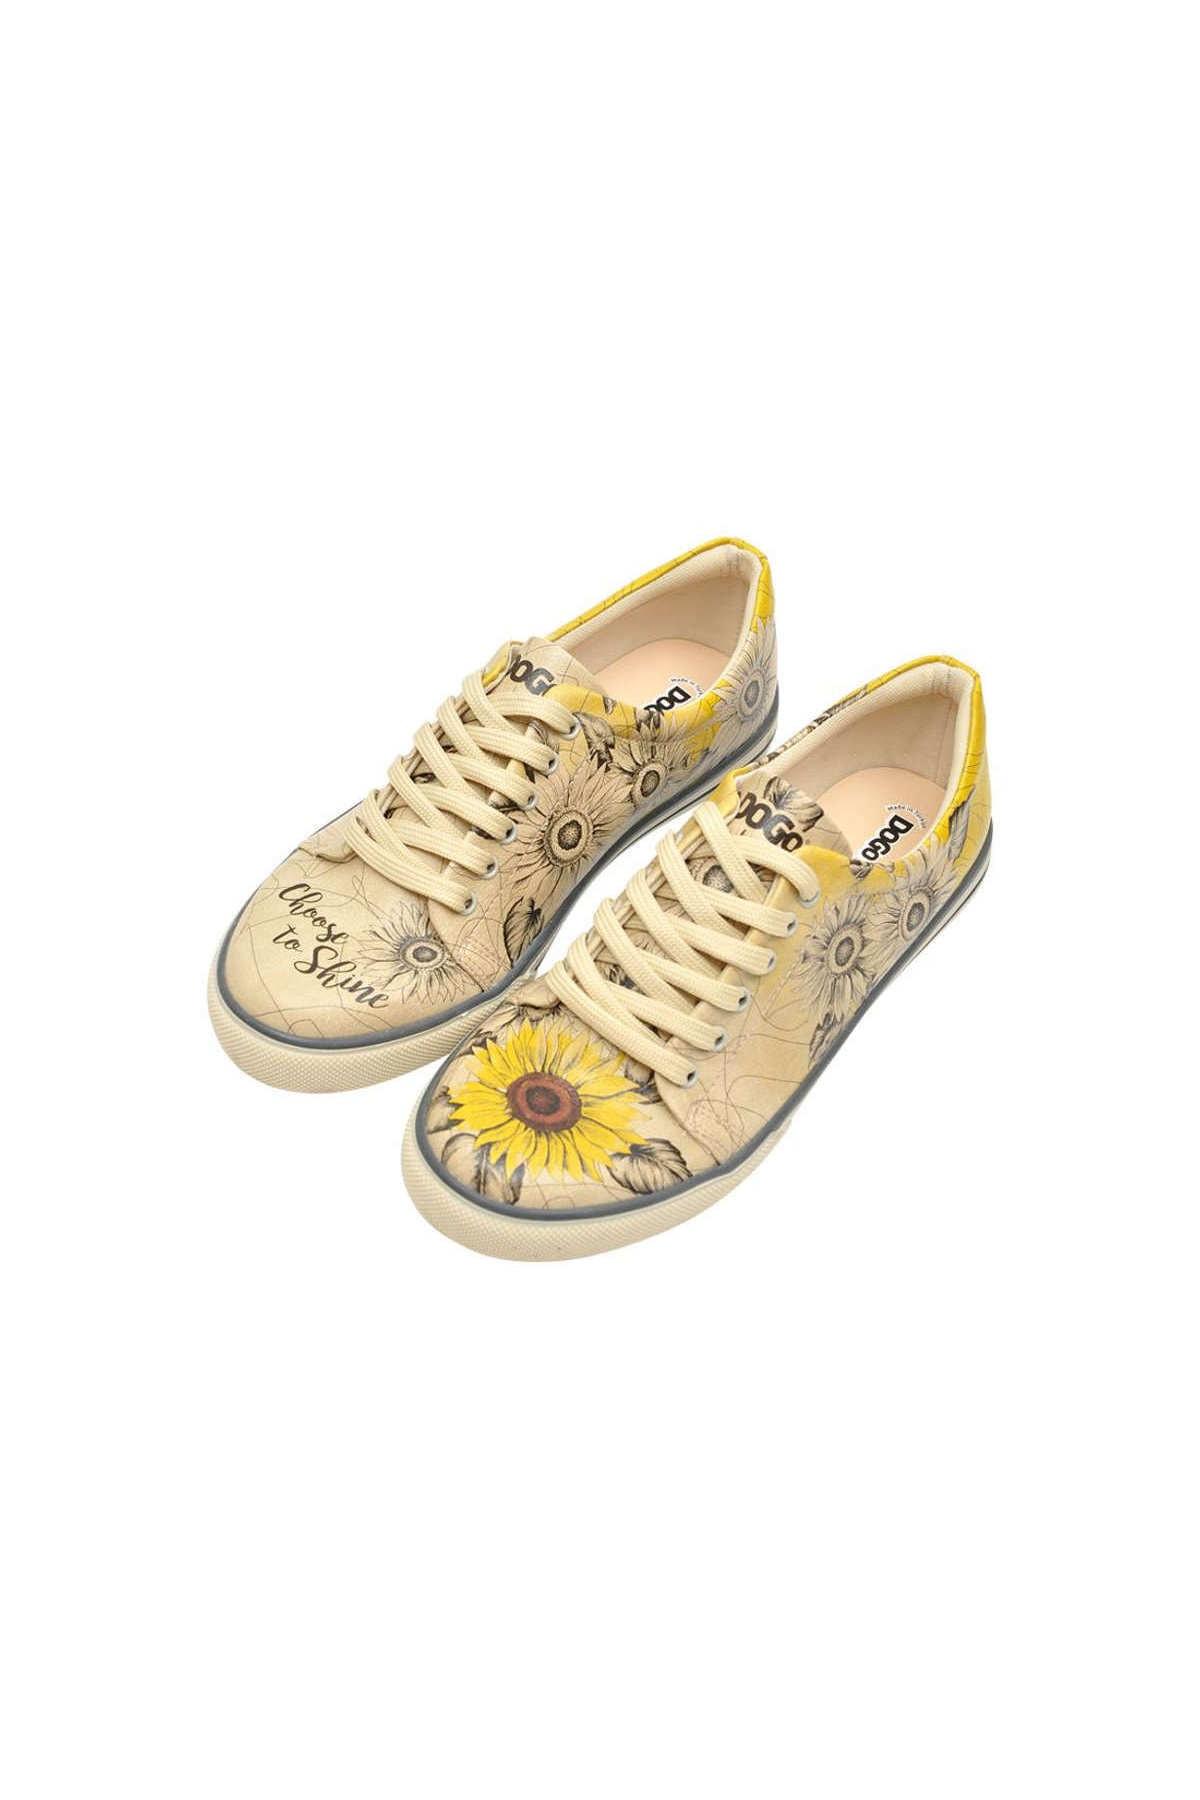 Dogo Sunflower / Sneakers Kadin Ayakkabi 2